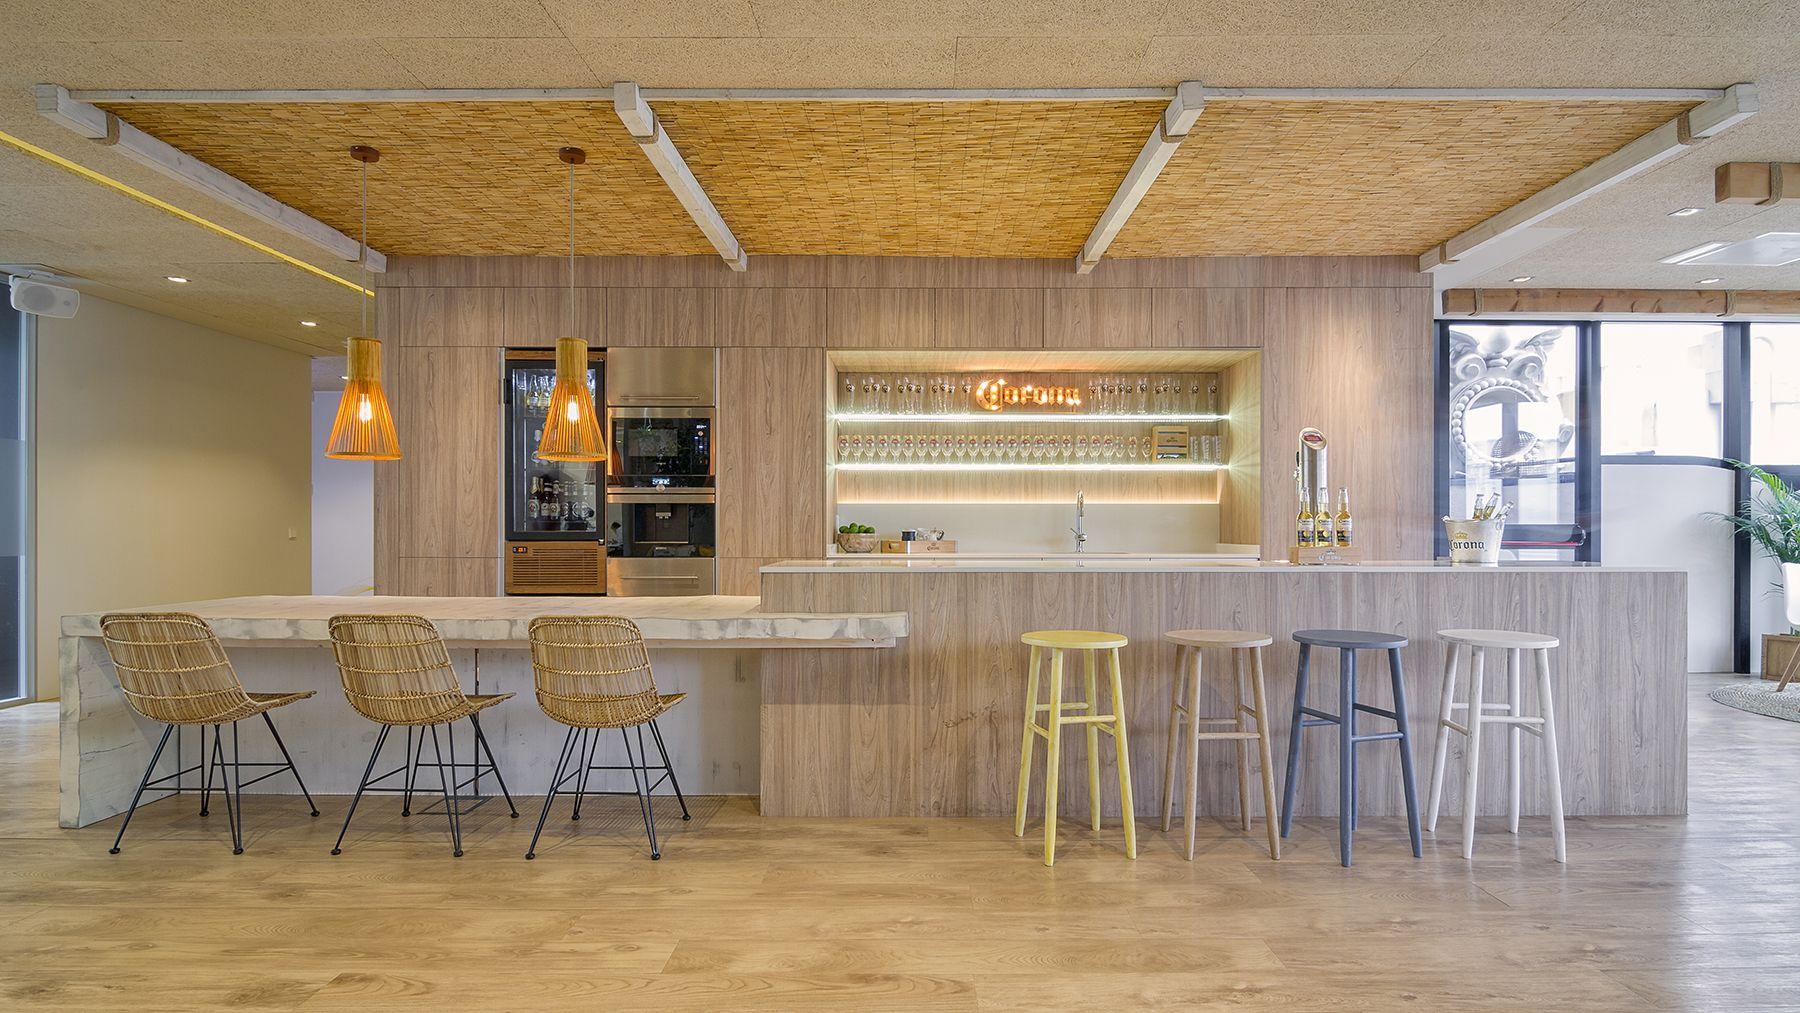 Cocina De Una Multinacional De Nuestra Tienda De Muebles De Cocina  # Muebles Muebles De Cocina